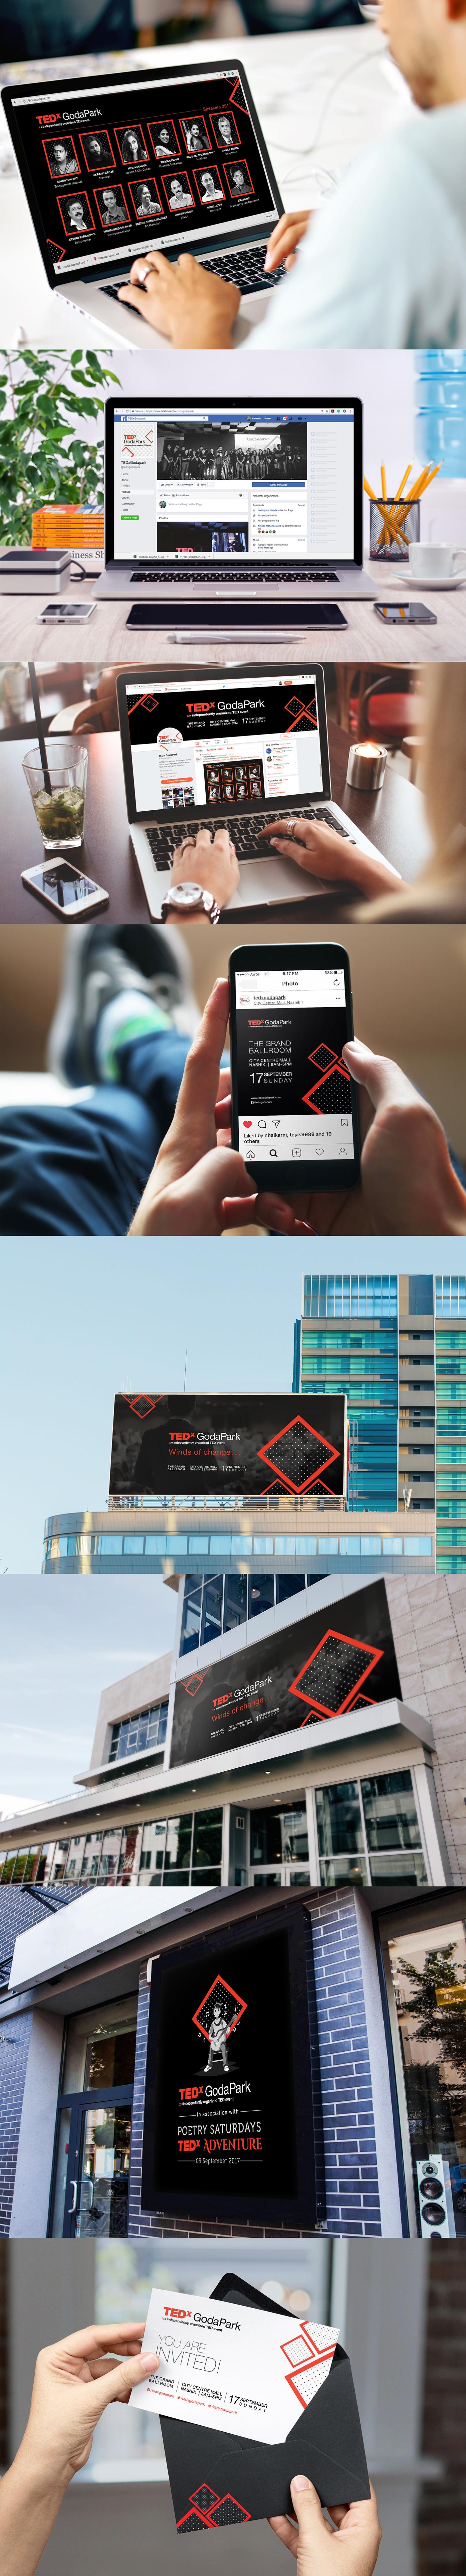 TEDx GodaPark TED TEDx Event Branding #Nashik Startup Farms